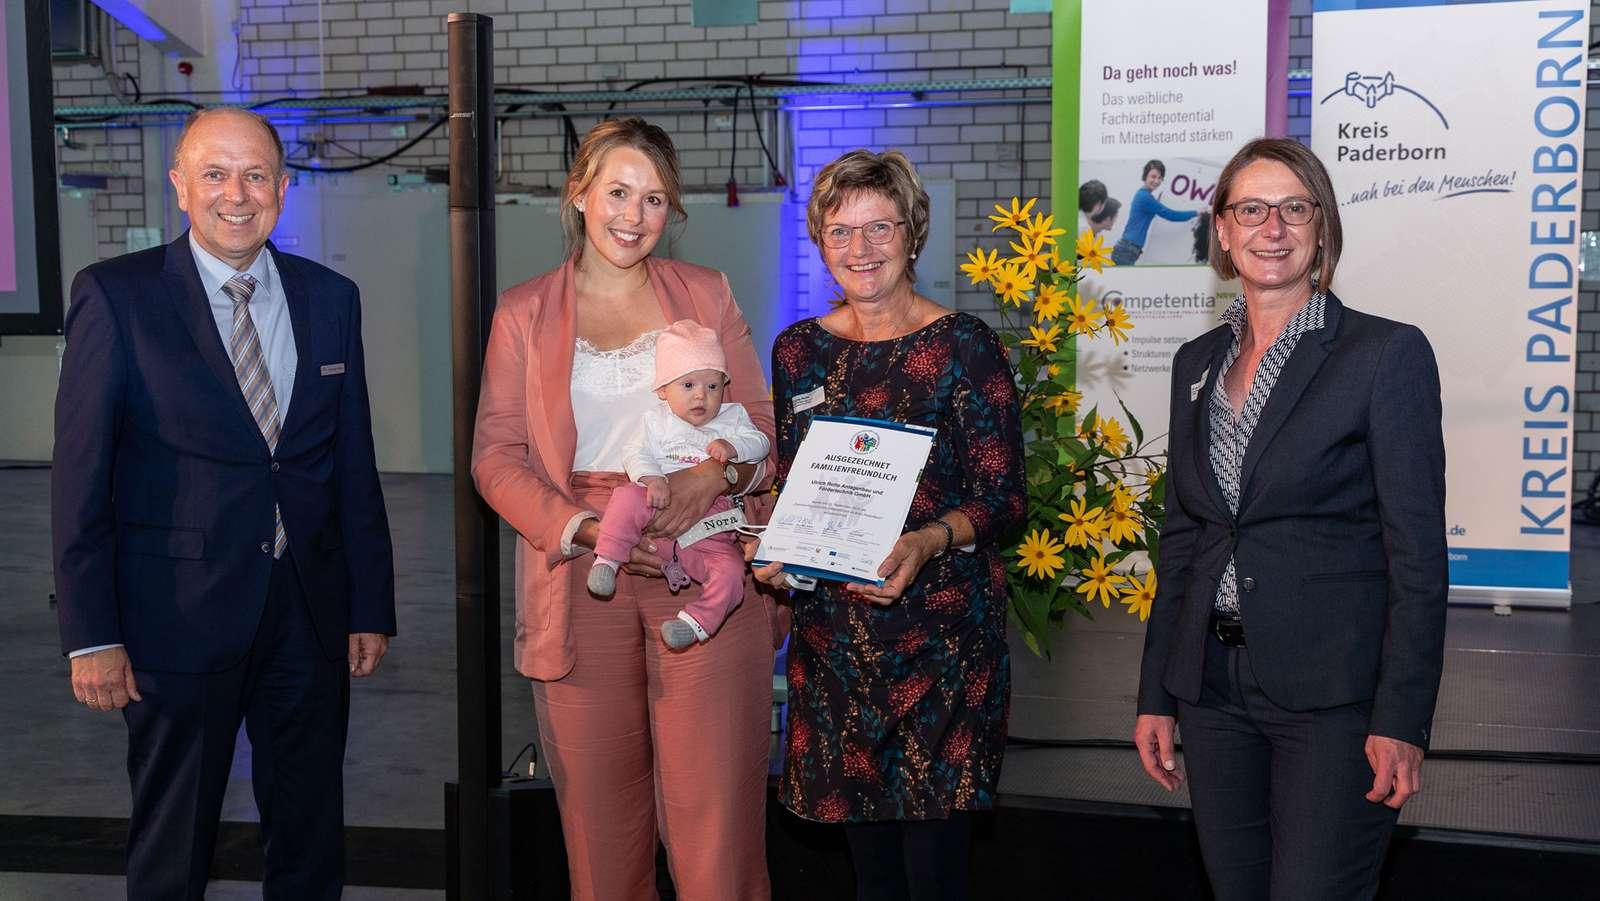 Die Auszeichnung nahmen gleich drei Generationen entgegen: Corinna Rotte mit Nora und Brigitte Rotte